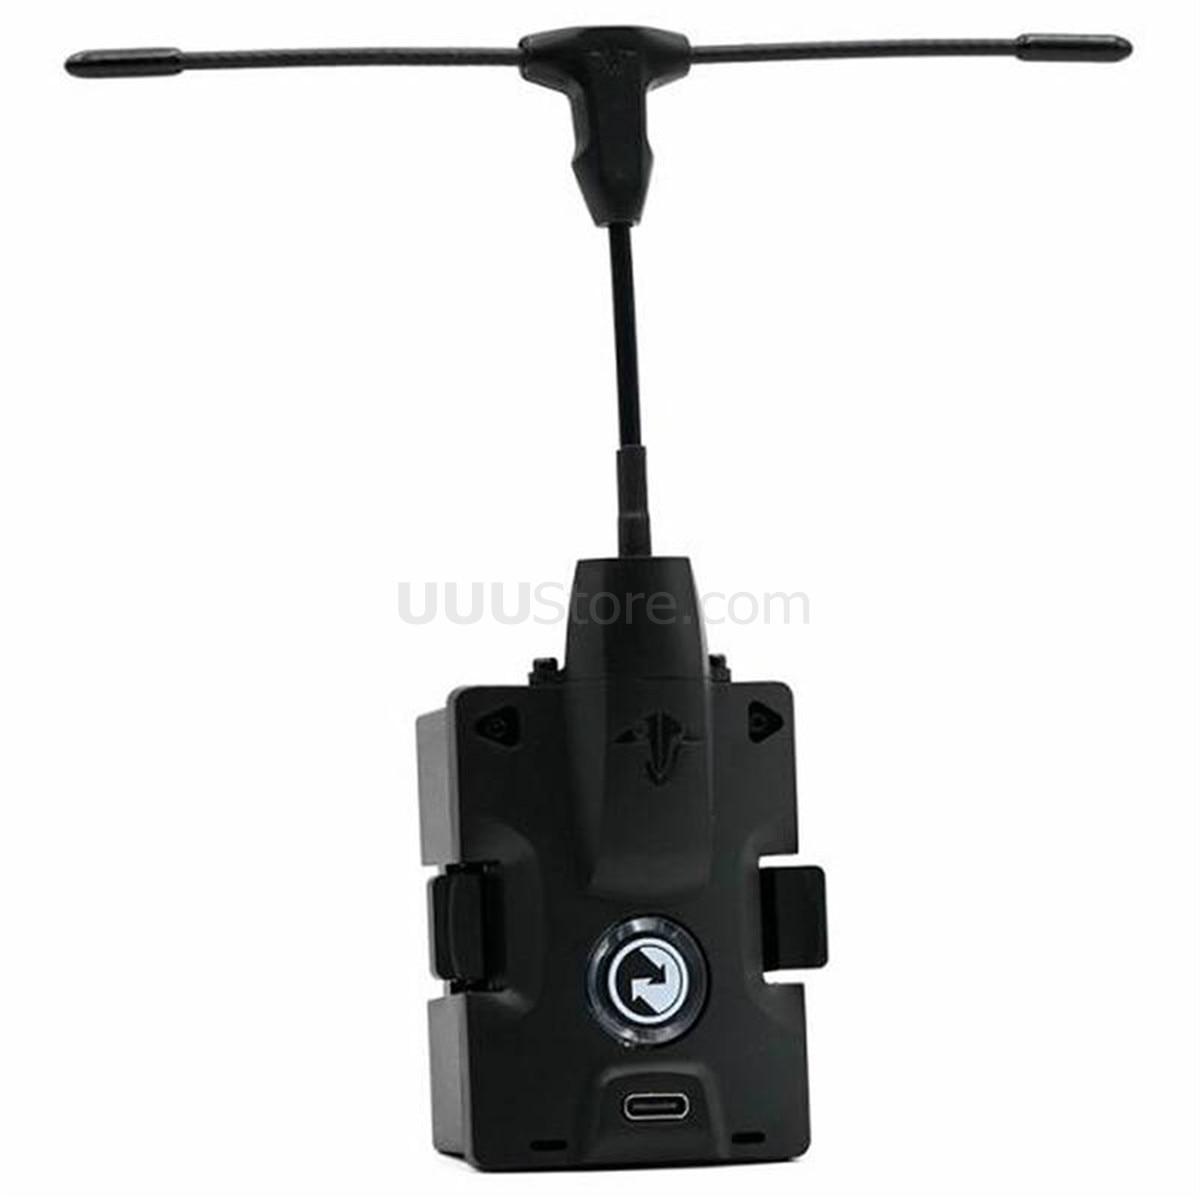 جهاز إرسال صغير لفريق TBS BlackSheep Crossfire ، جهاز إرسال CRSF TX V2 915/868Mhz ، نظام راديو طويل المدى ، طائرة بدون طيار RC FPV